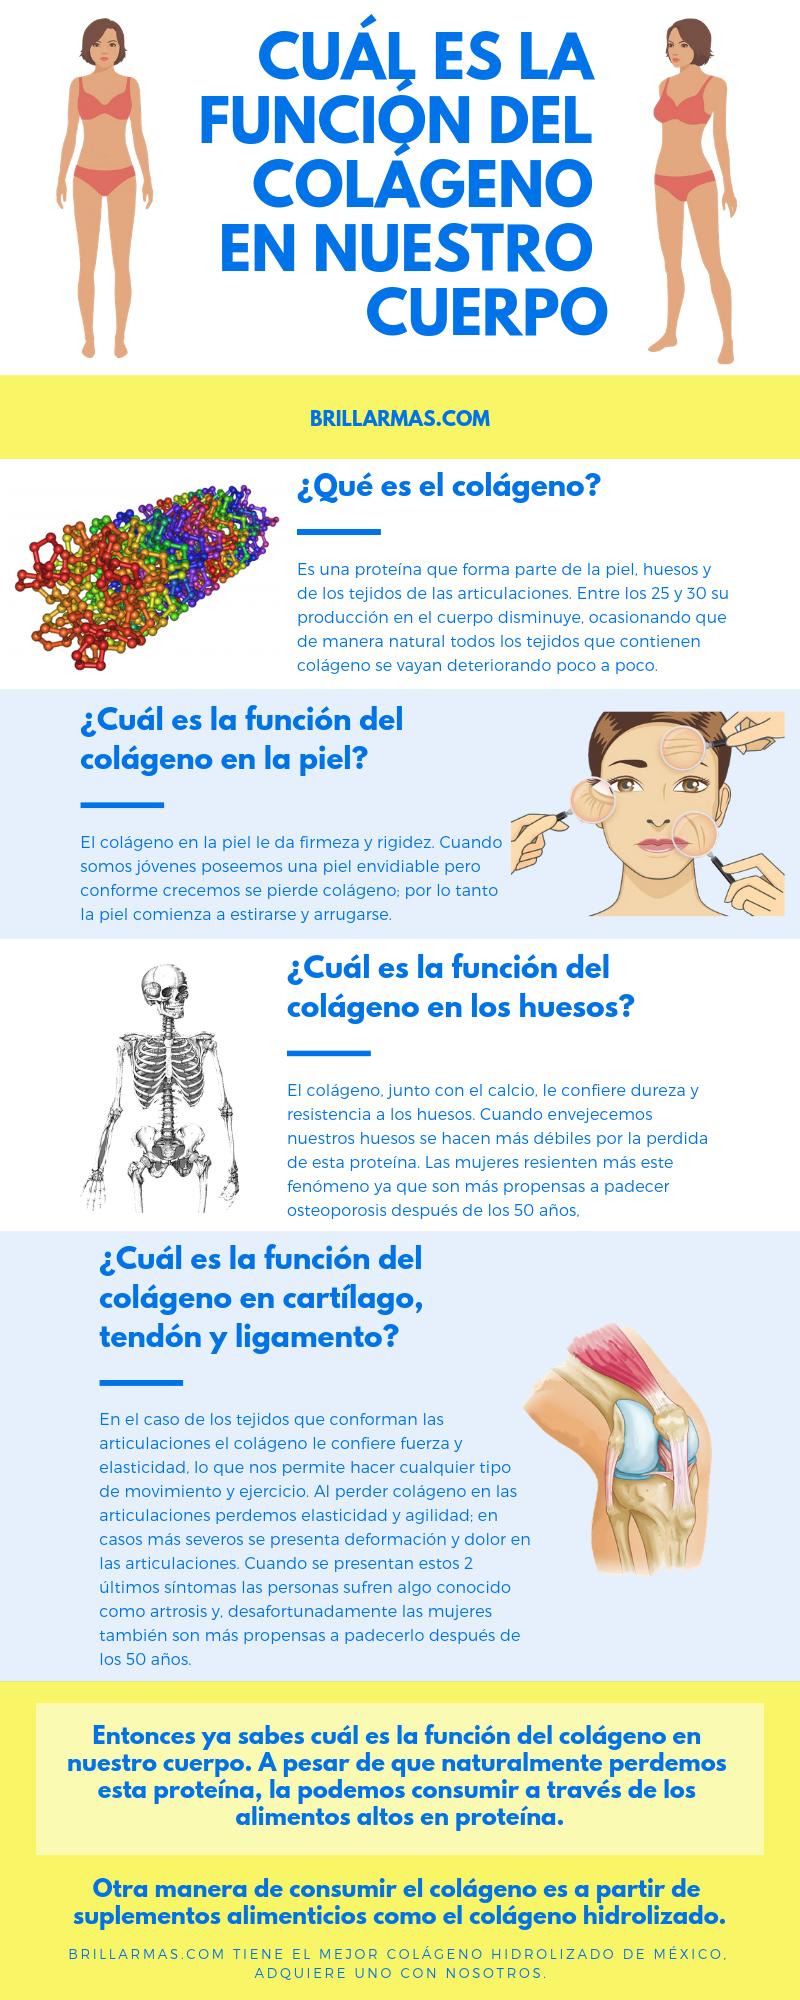 Cuál es la función del colágeno en nuestro cuerpo